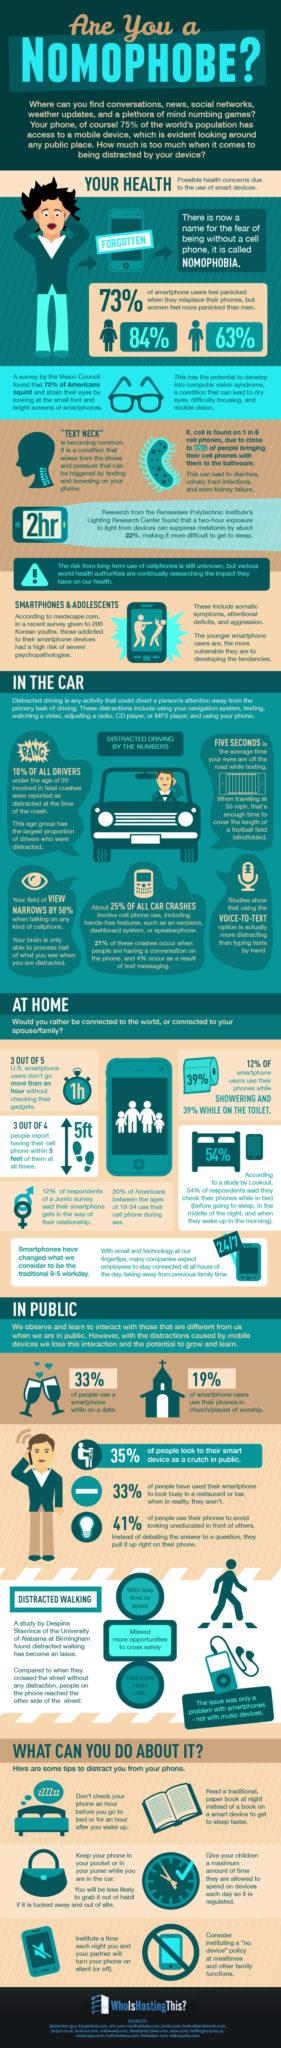 infographic-nomophobe